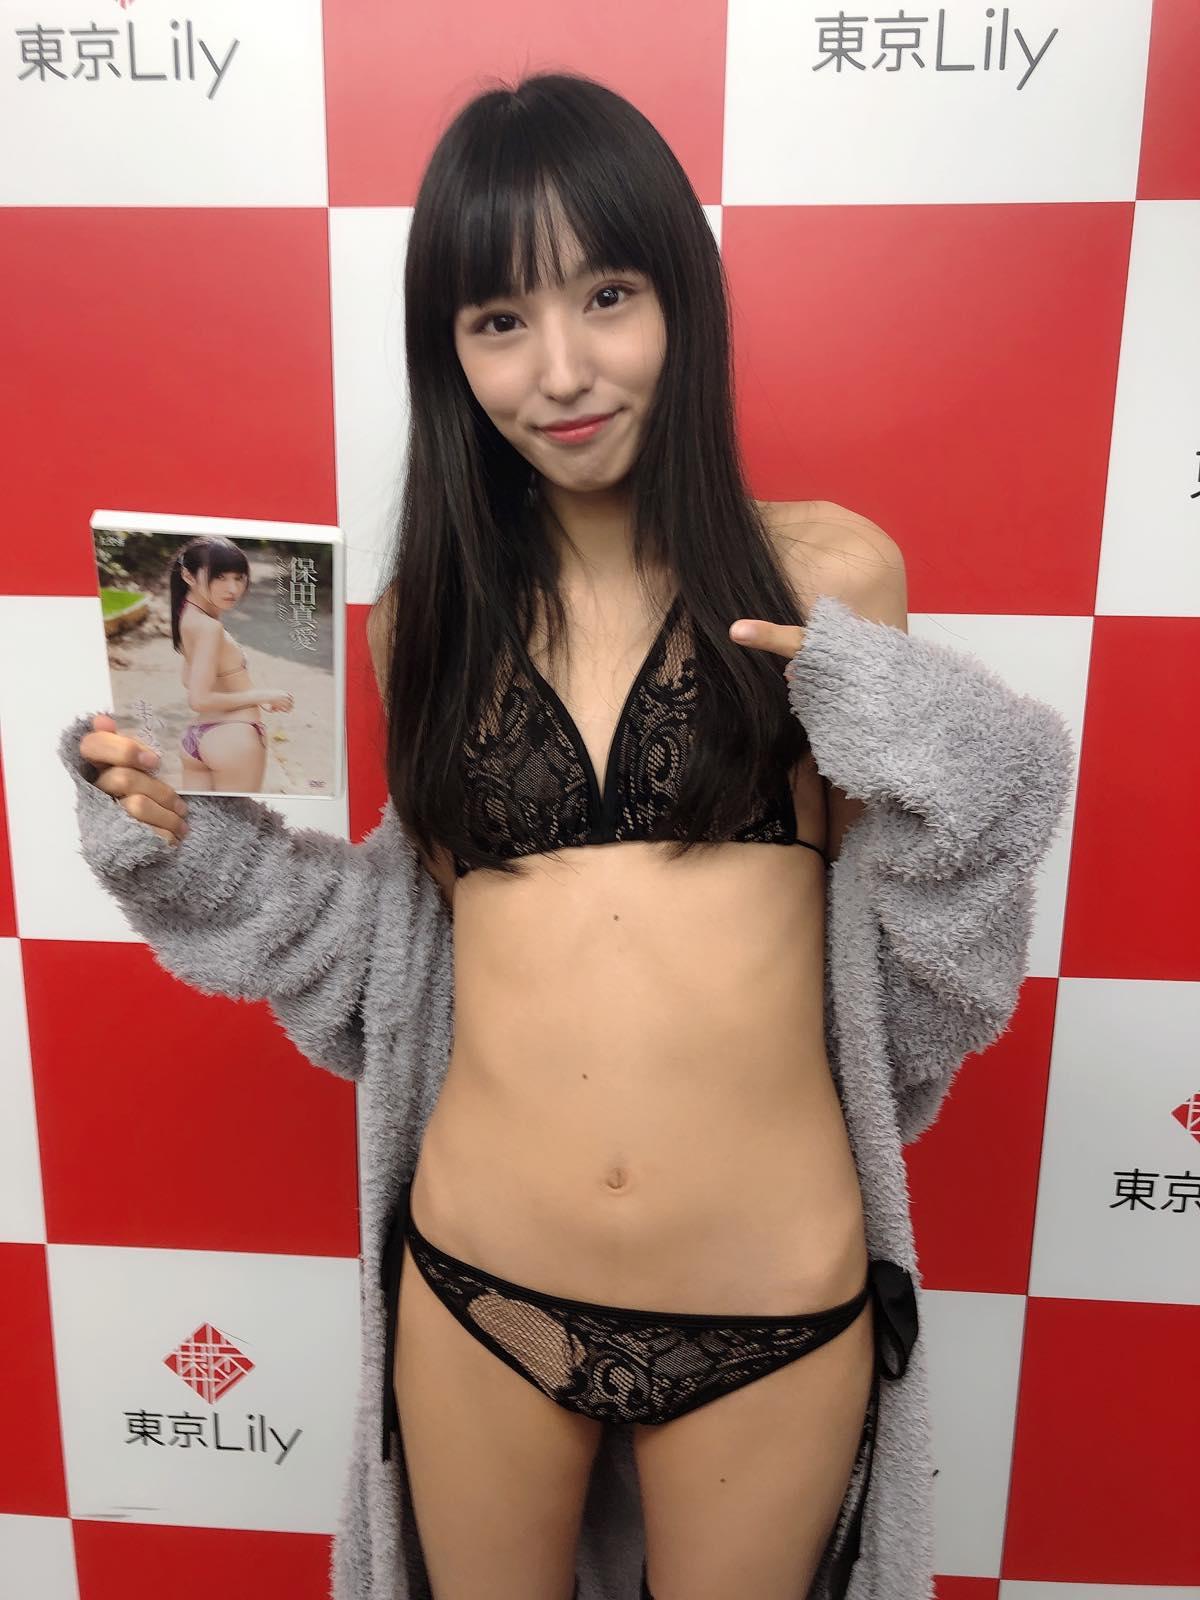 保田真愛のグラビア水着ビキニ画像13